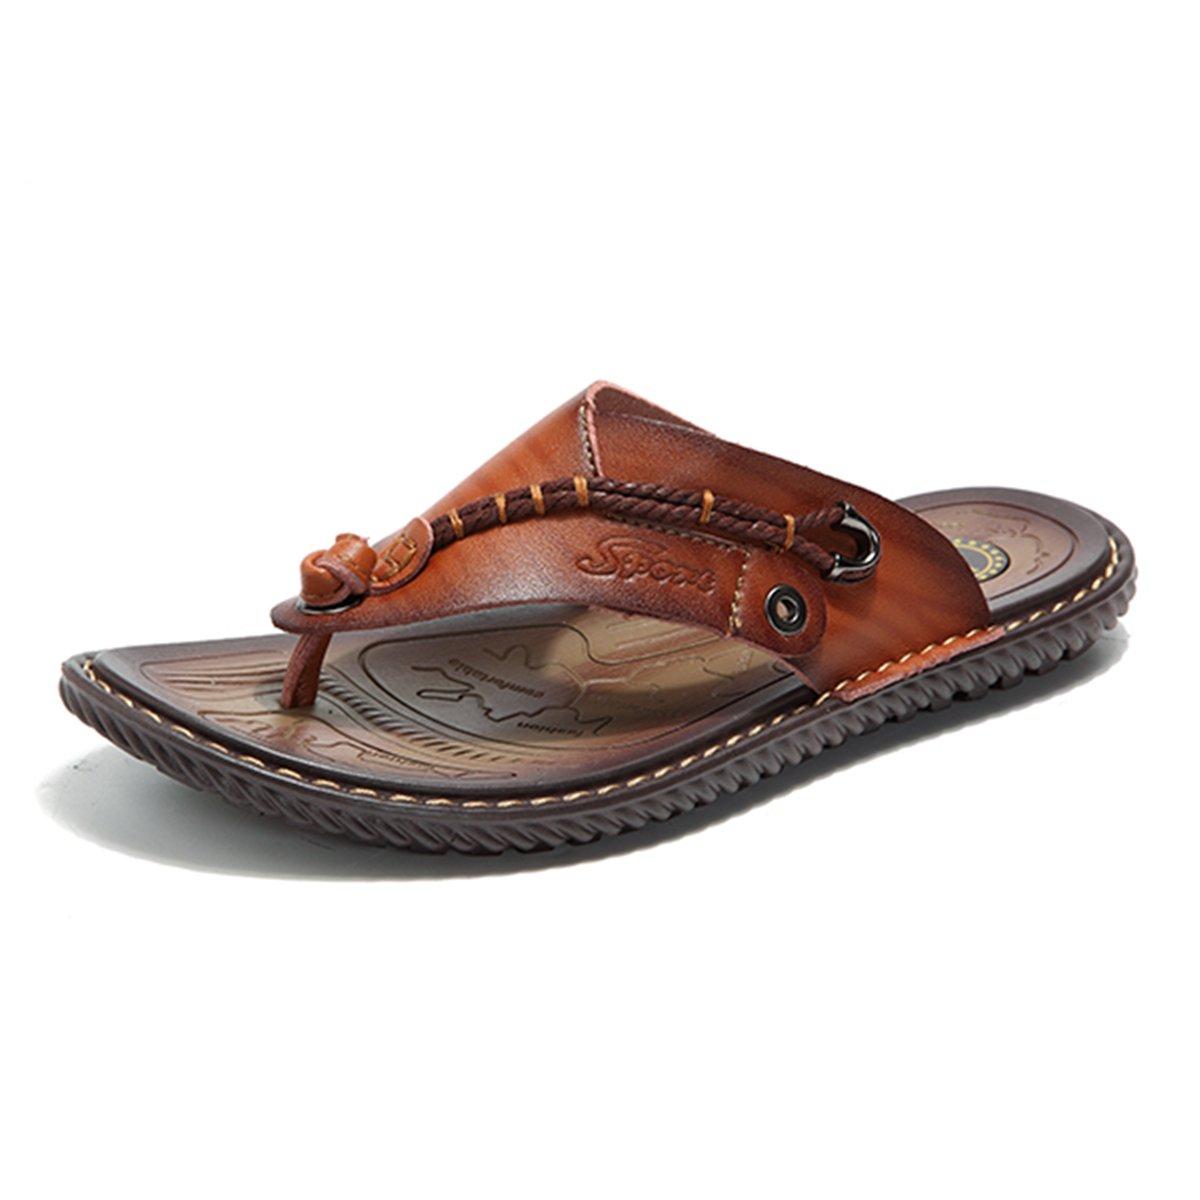 Gracosy Flip Flops, Unisex Zehentrenner Flache Hausschuhe Pantoletten Sommer Schuhe Slippers Weich Anti-Rutsch T-Strap Sandalen fuuml;r Herren Damenr  41 EU|Braun Uk-lager